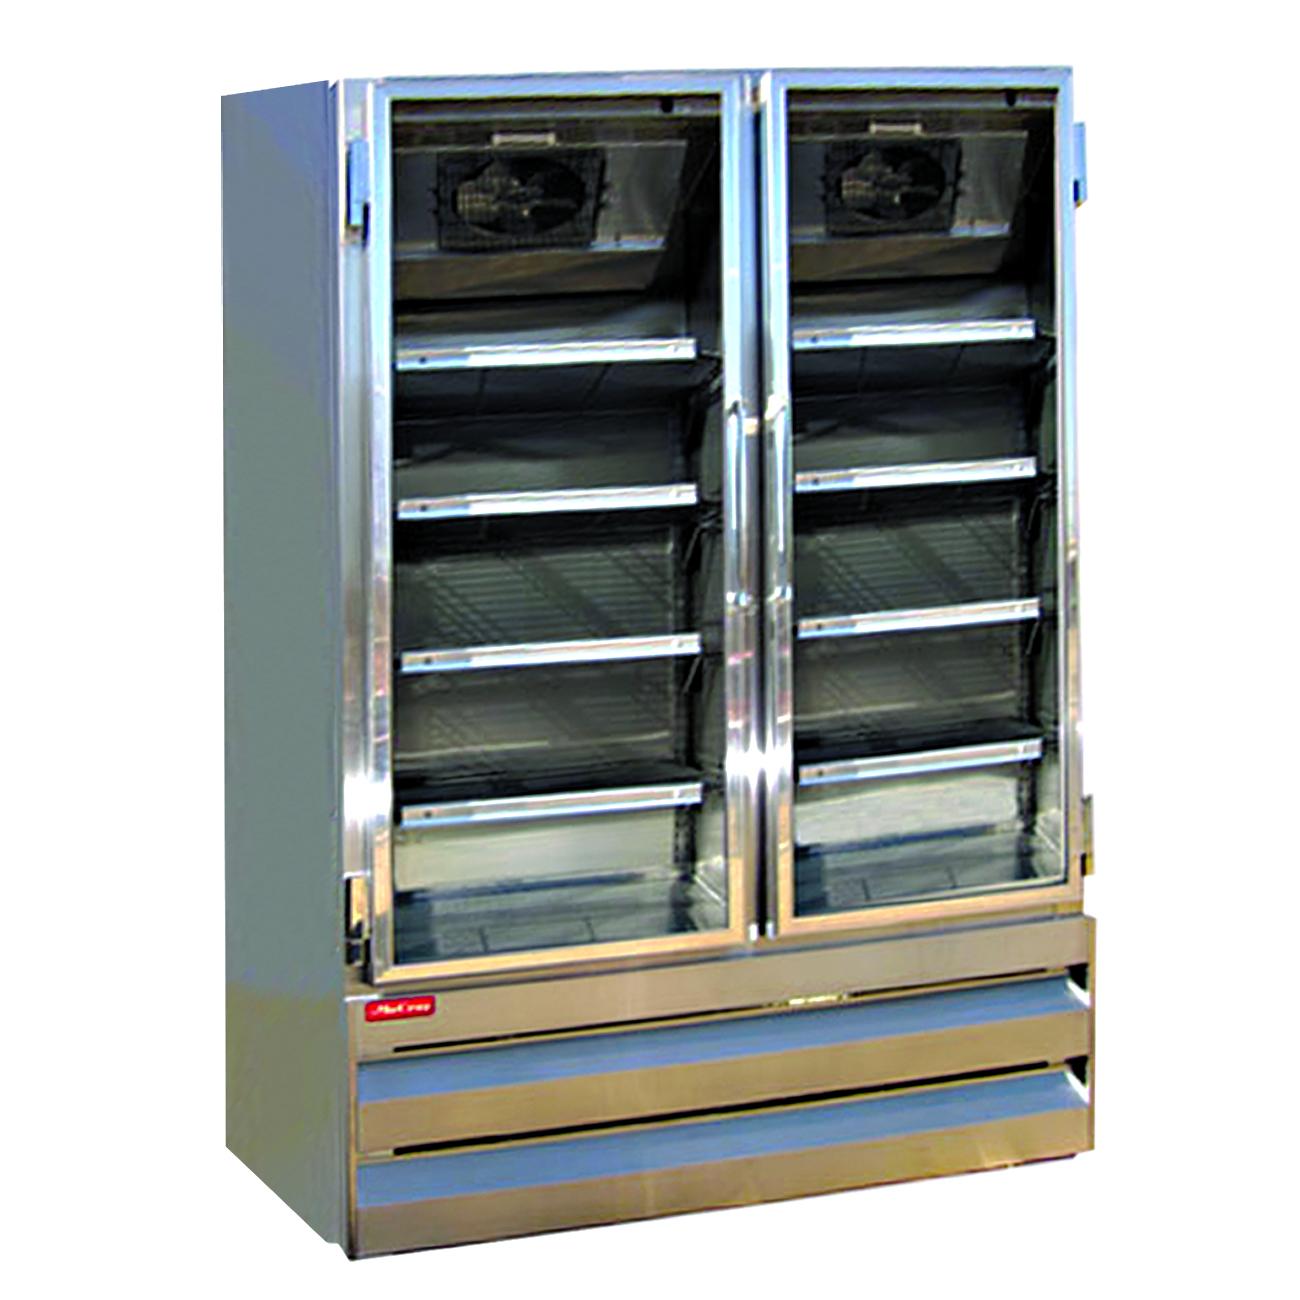 Howard-McCray GR48BM-B refrigerator, merchandiser